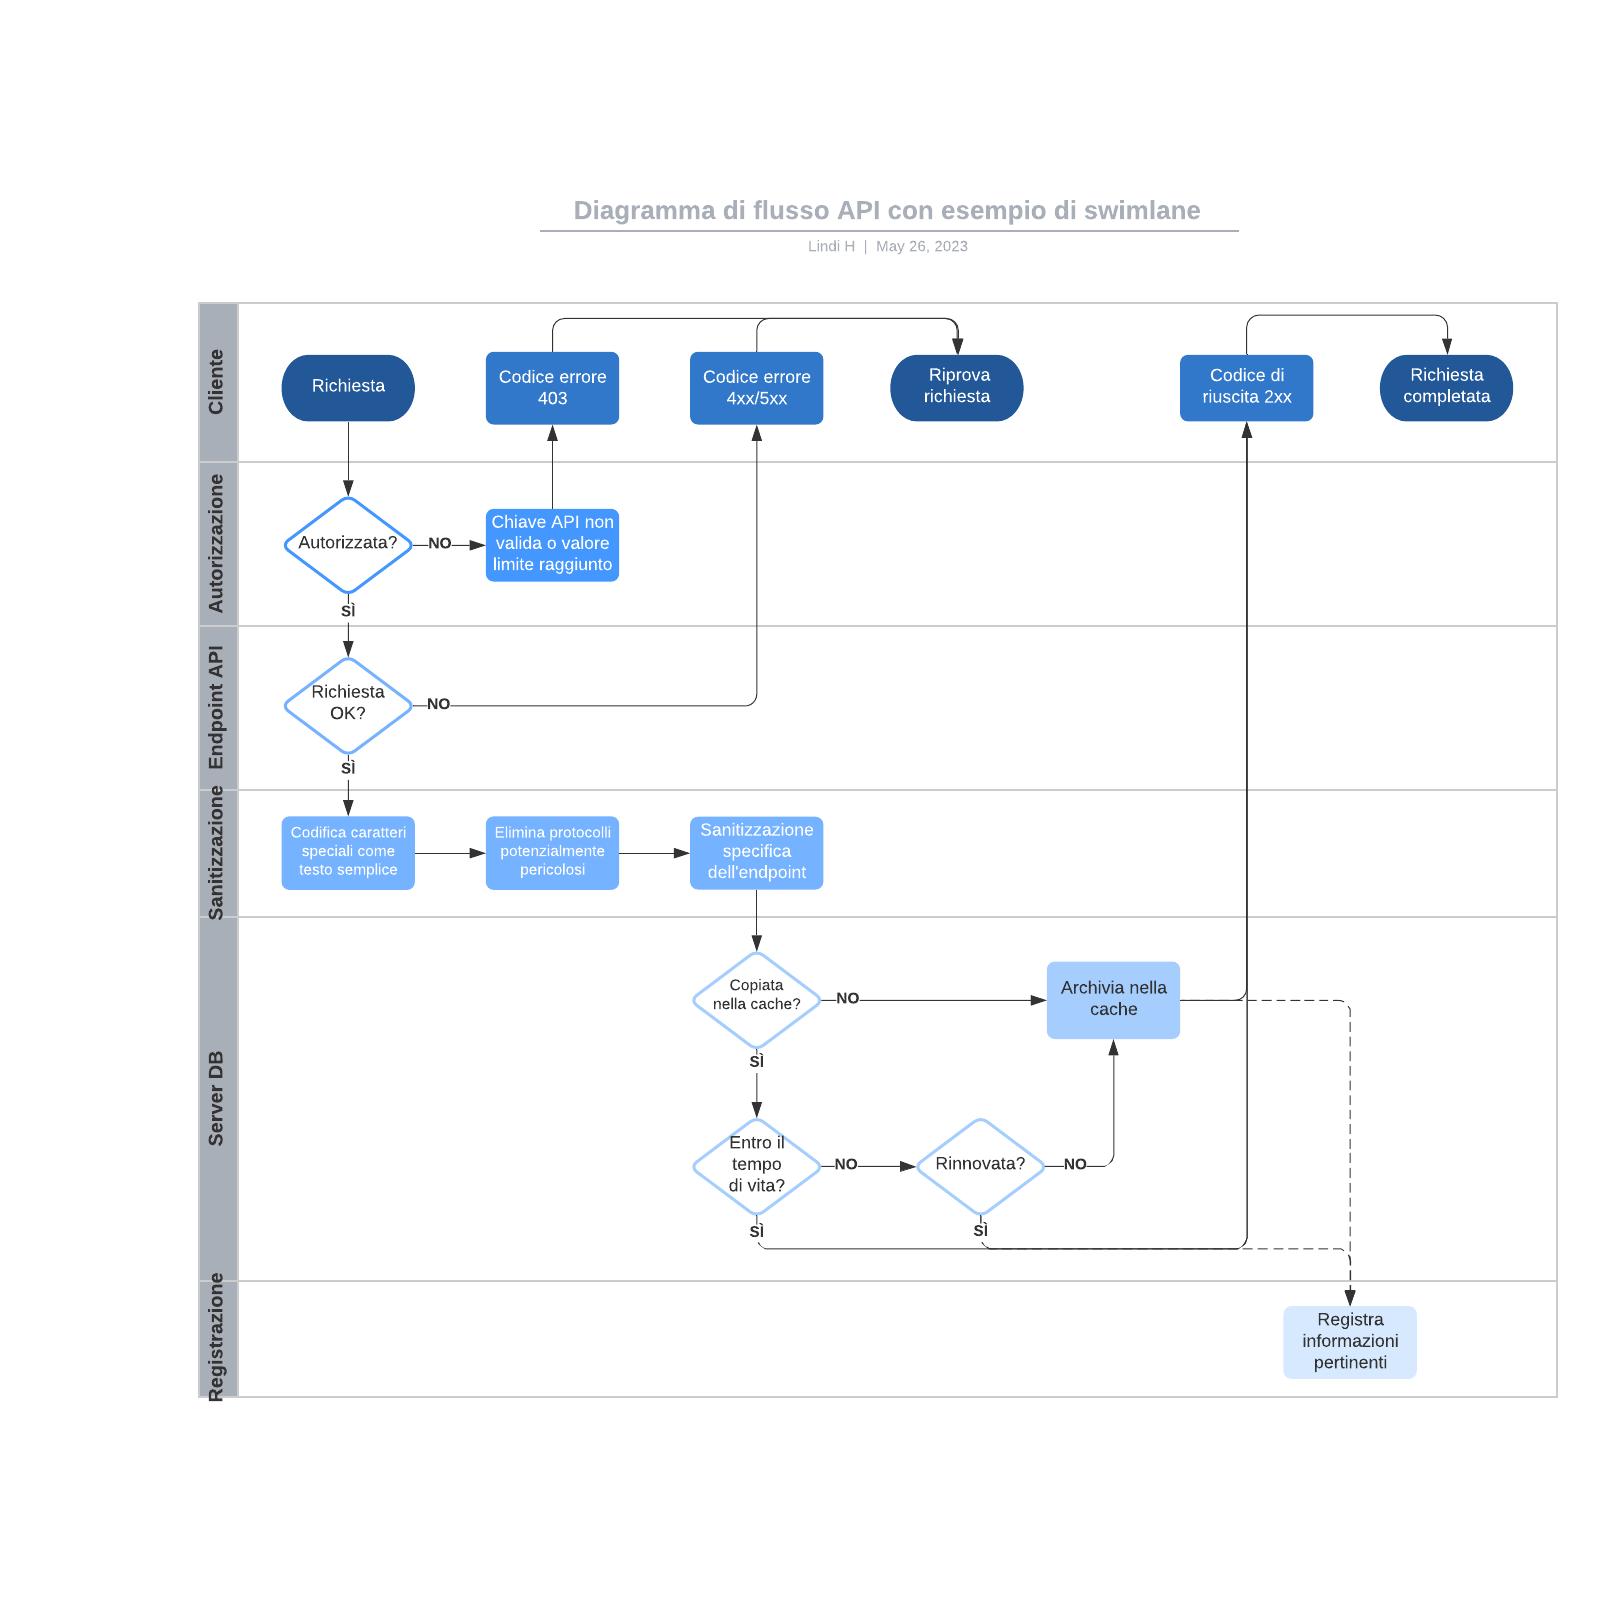 Diagramma di flusso API con esempio di swimlane